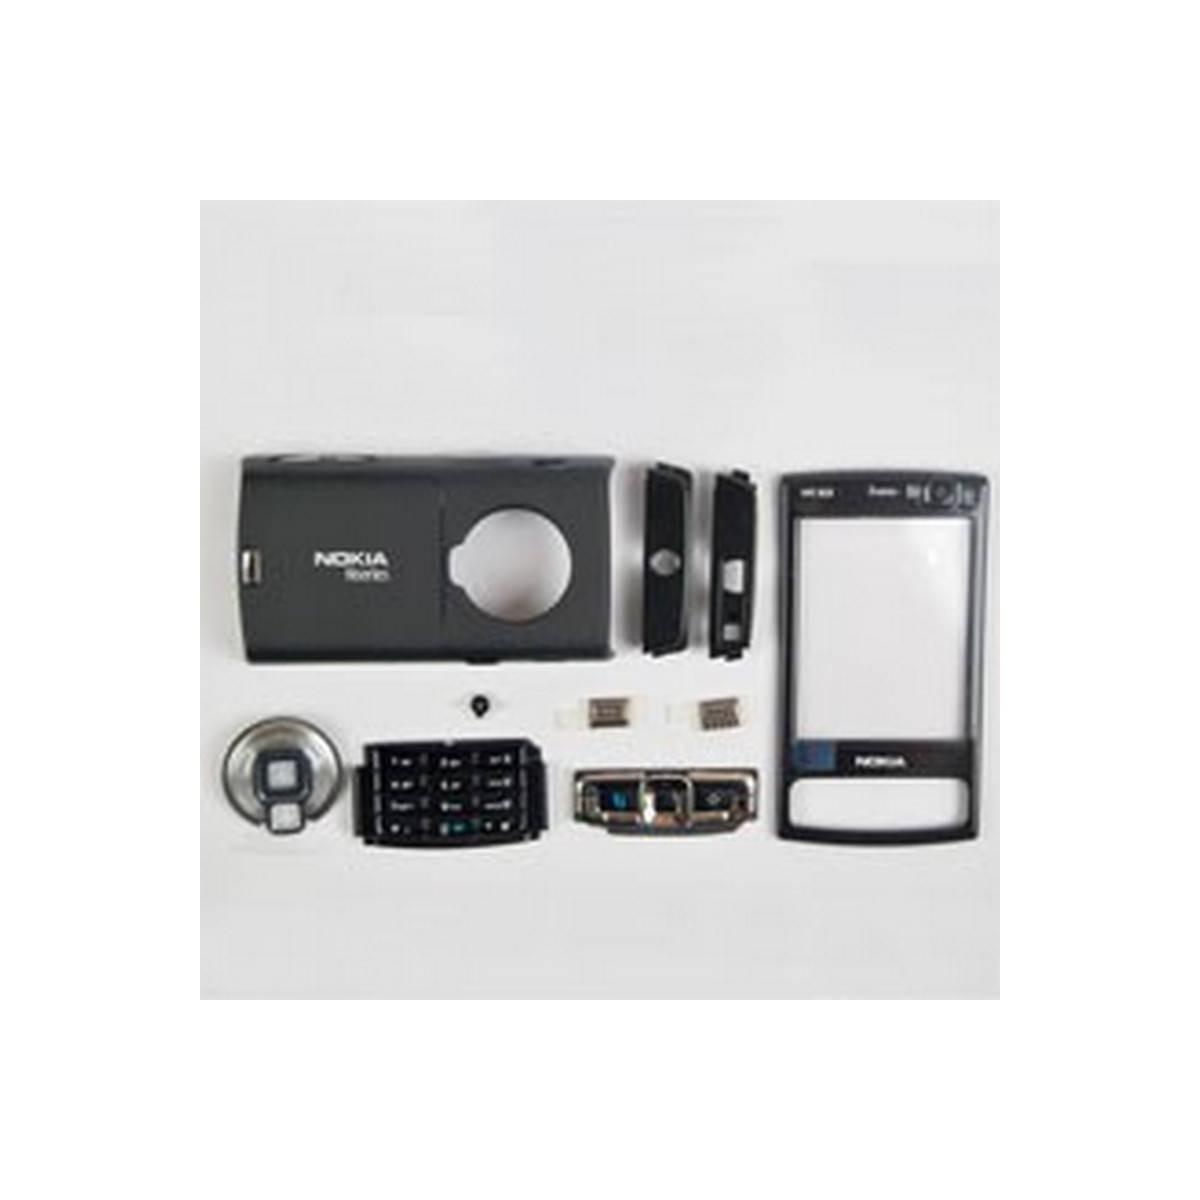 Carcaça Nokia N95 8GB COLOR PRETO